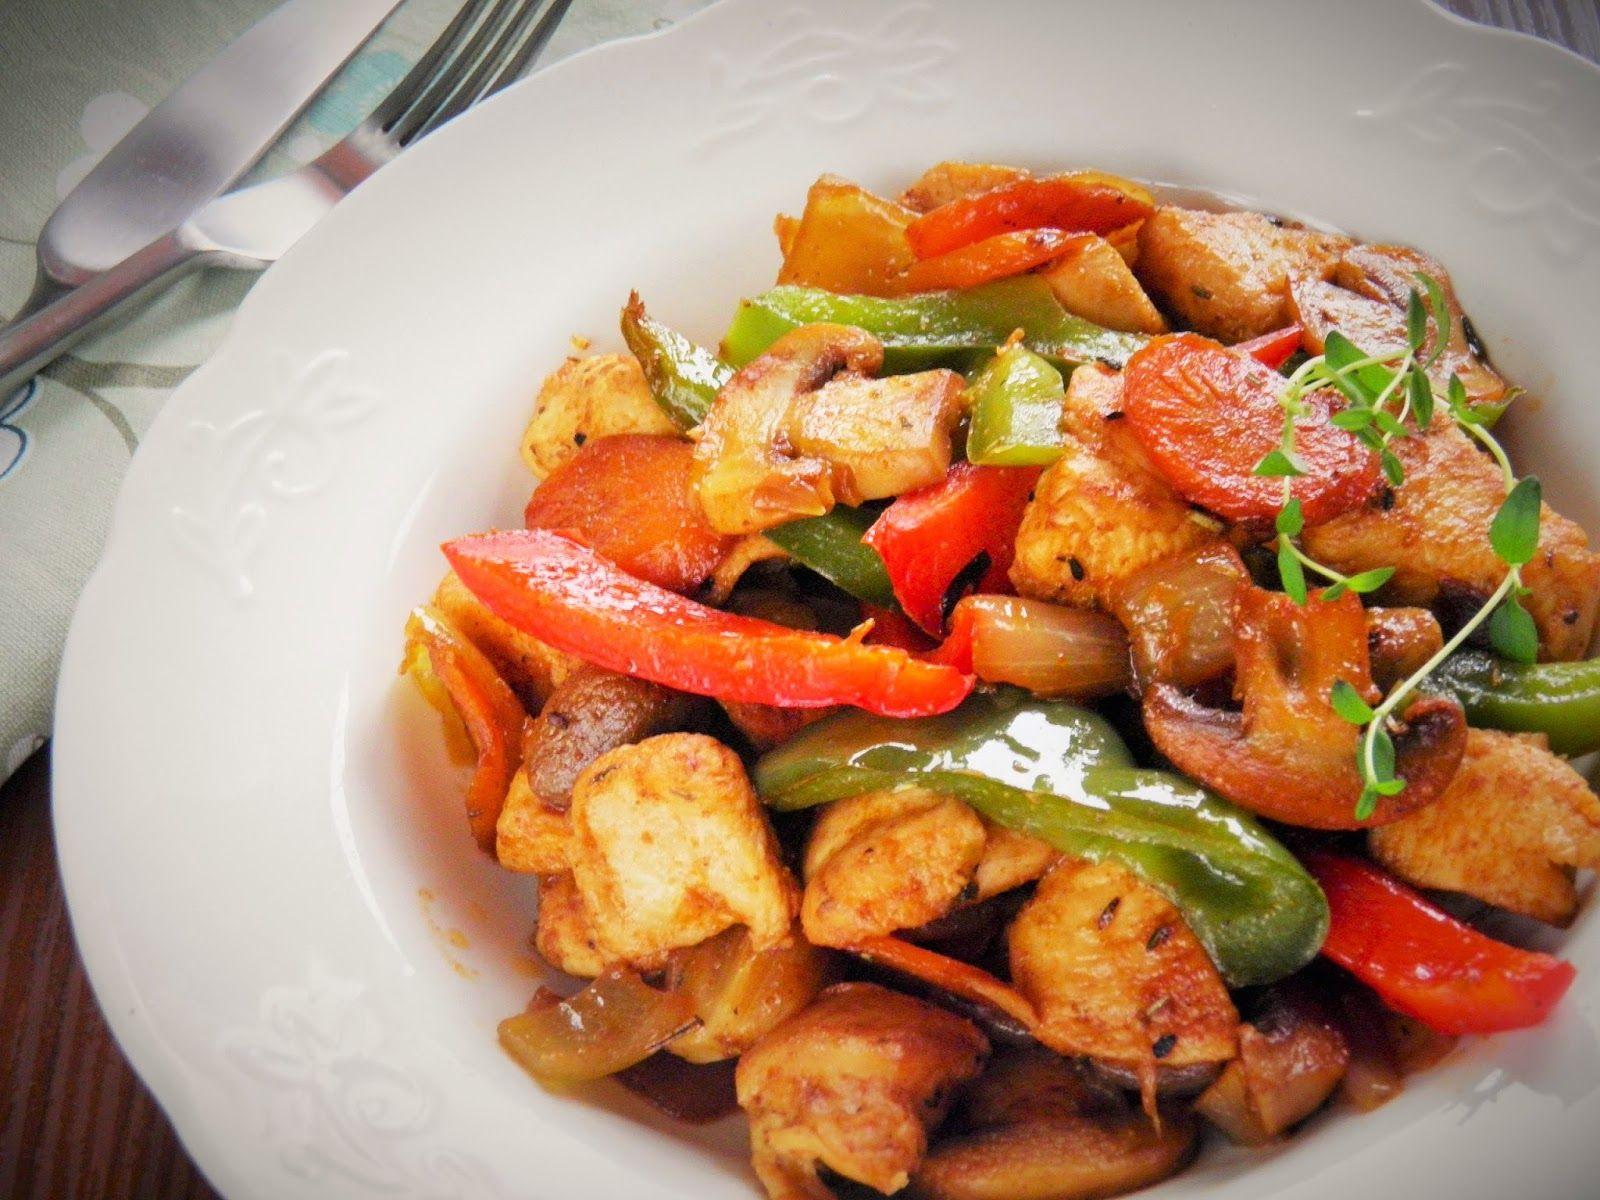 Sio-smutki: Kurczak z warzywami - szybki obiad